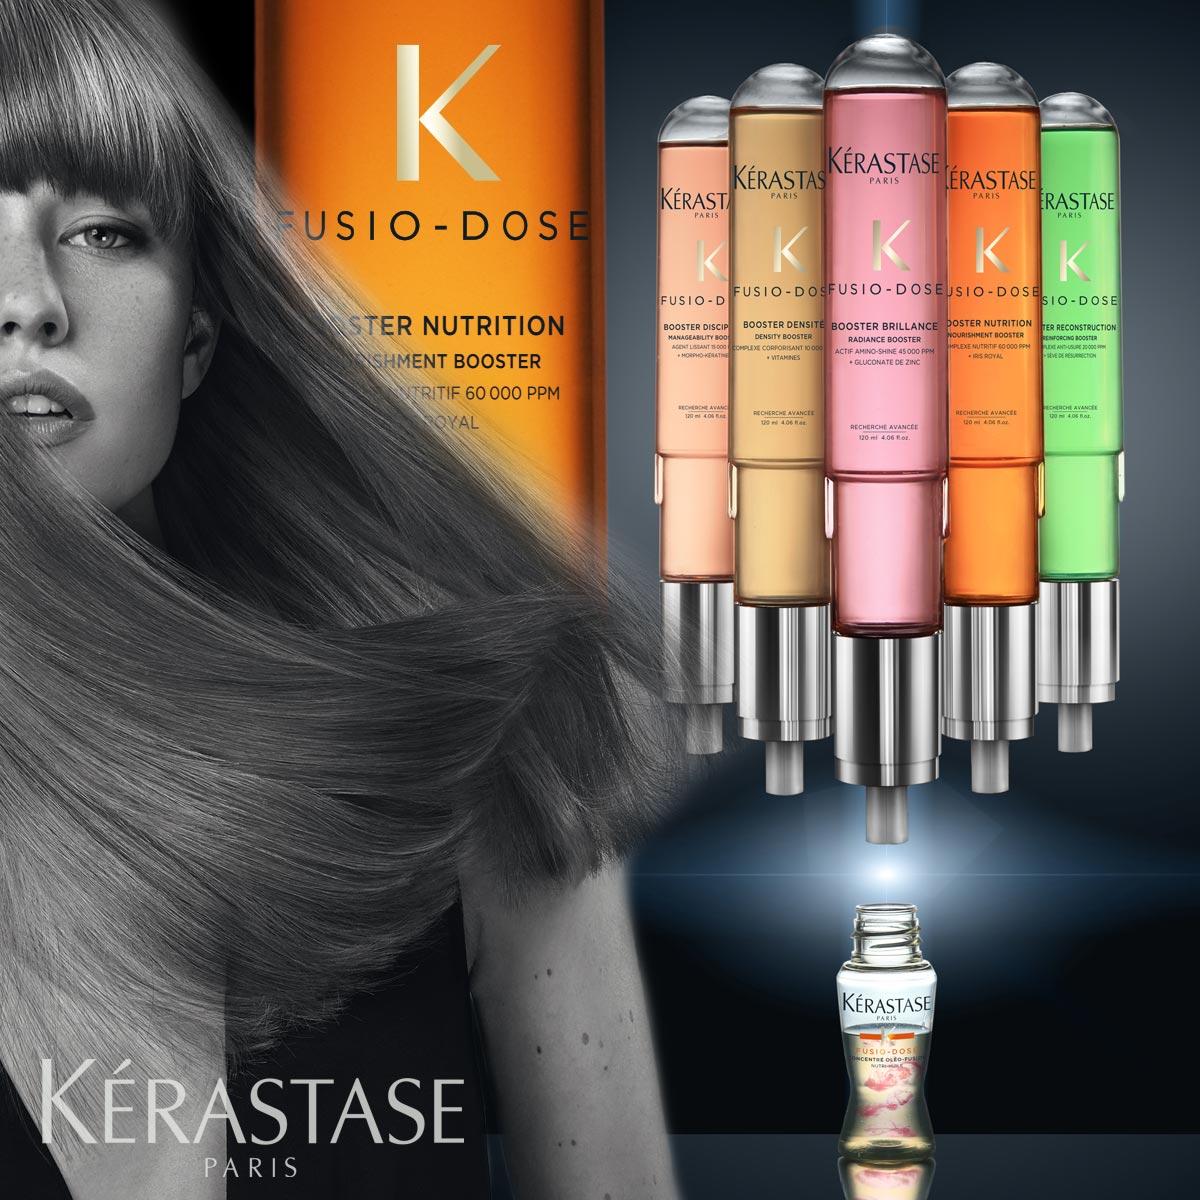 Expresná regenerácia vlasov je teraz možná vďaka službe salónov Kérastase – Fusio Dose.